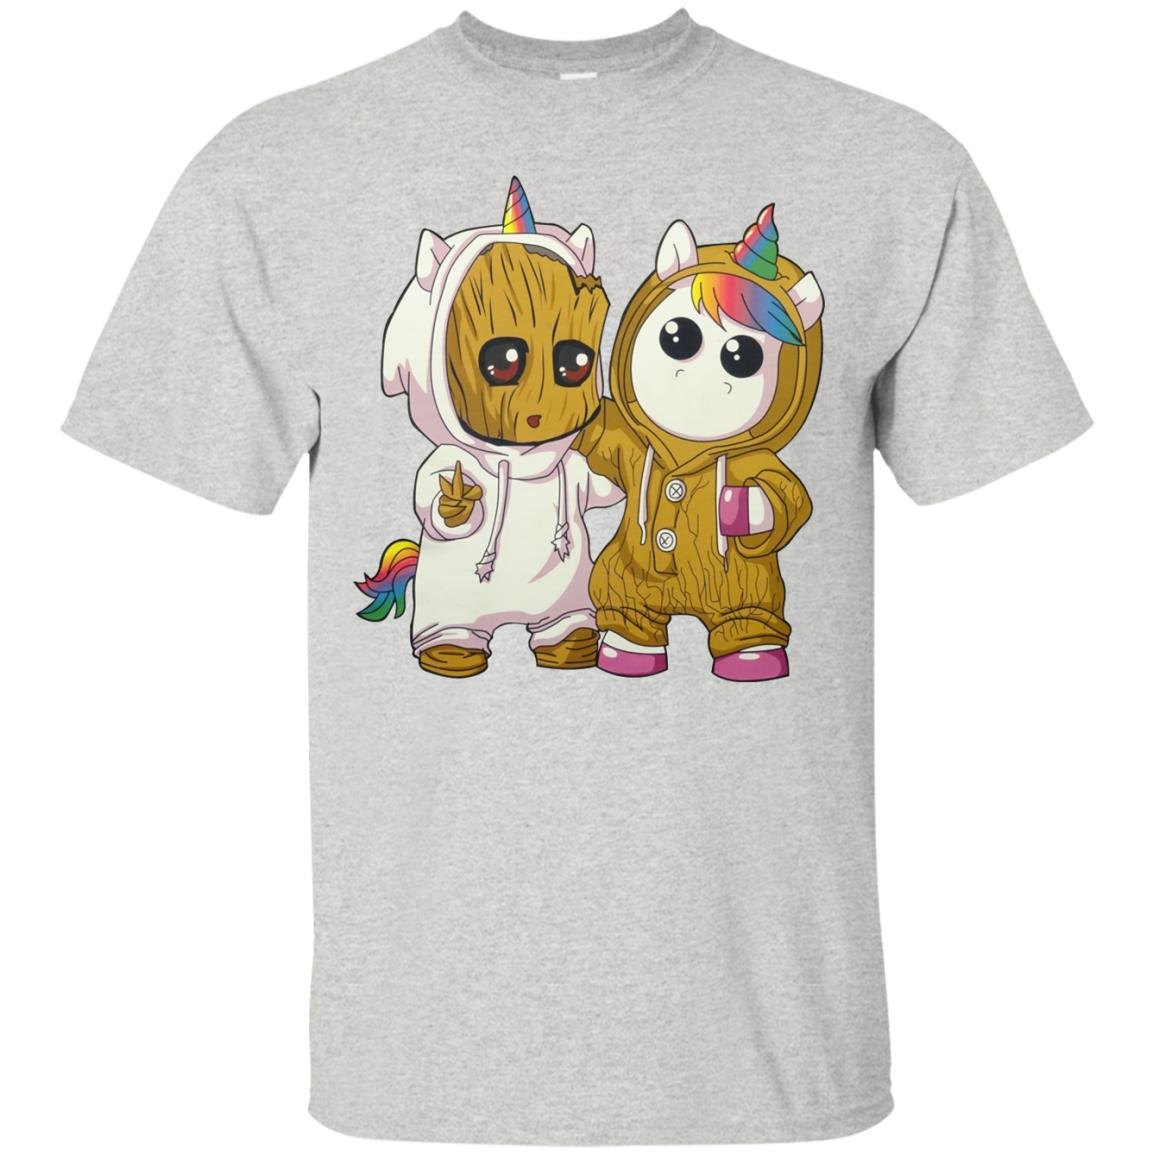 c79d520fc56098 Baby groot and baby unicorn shirt - RobinPlaceFabrics